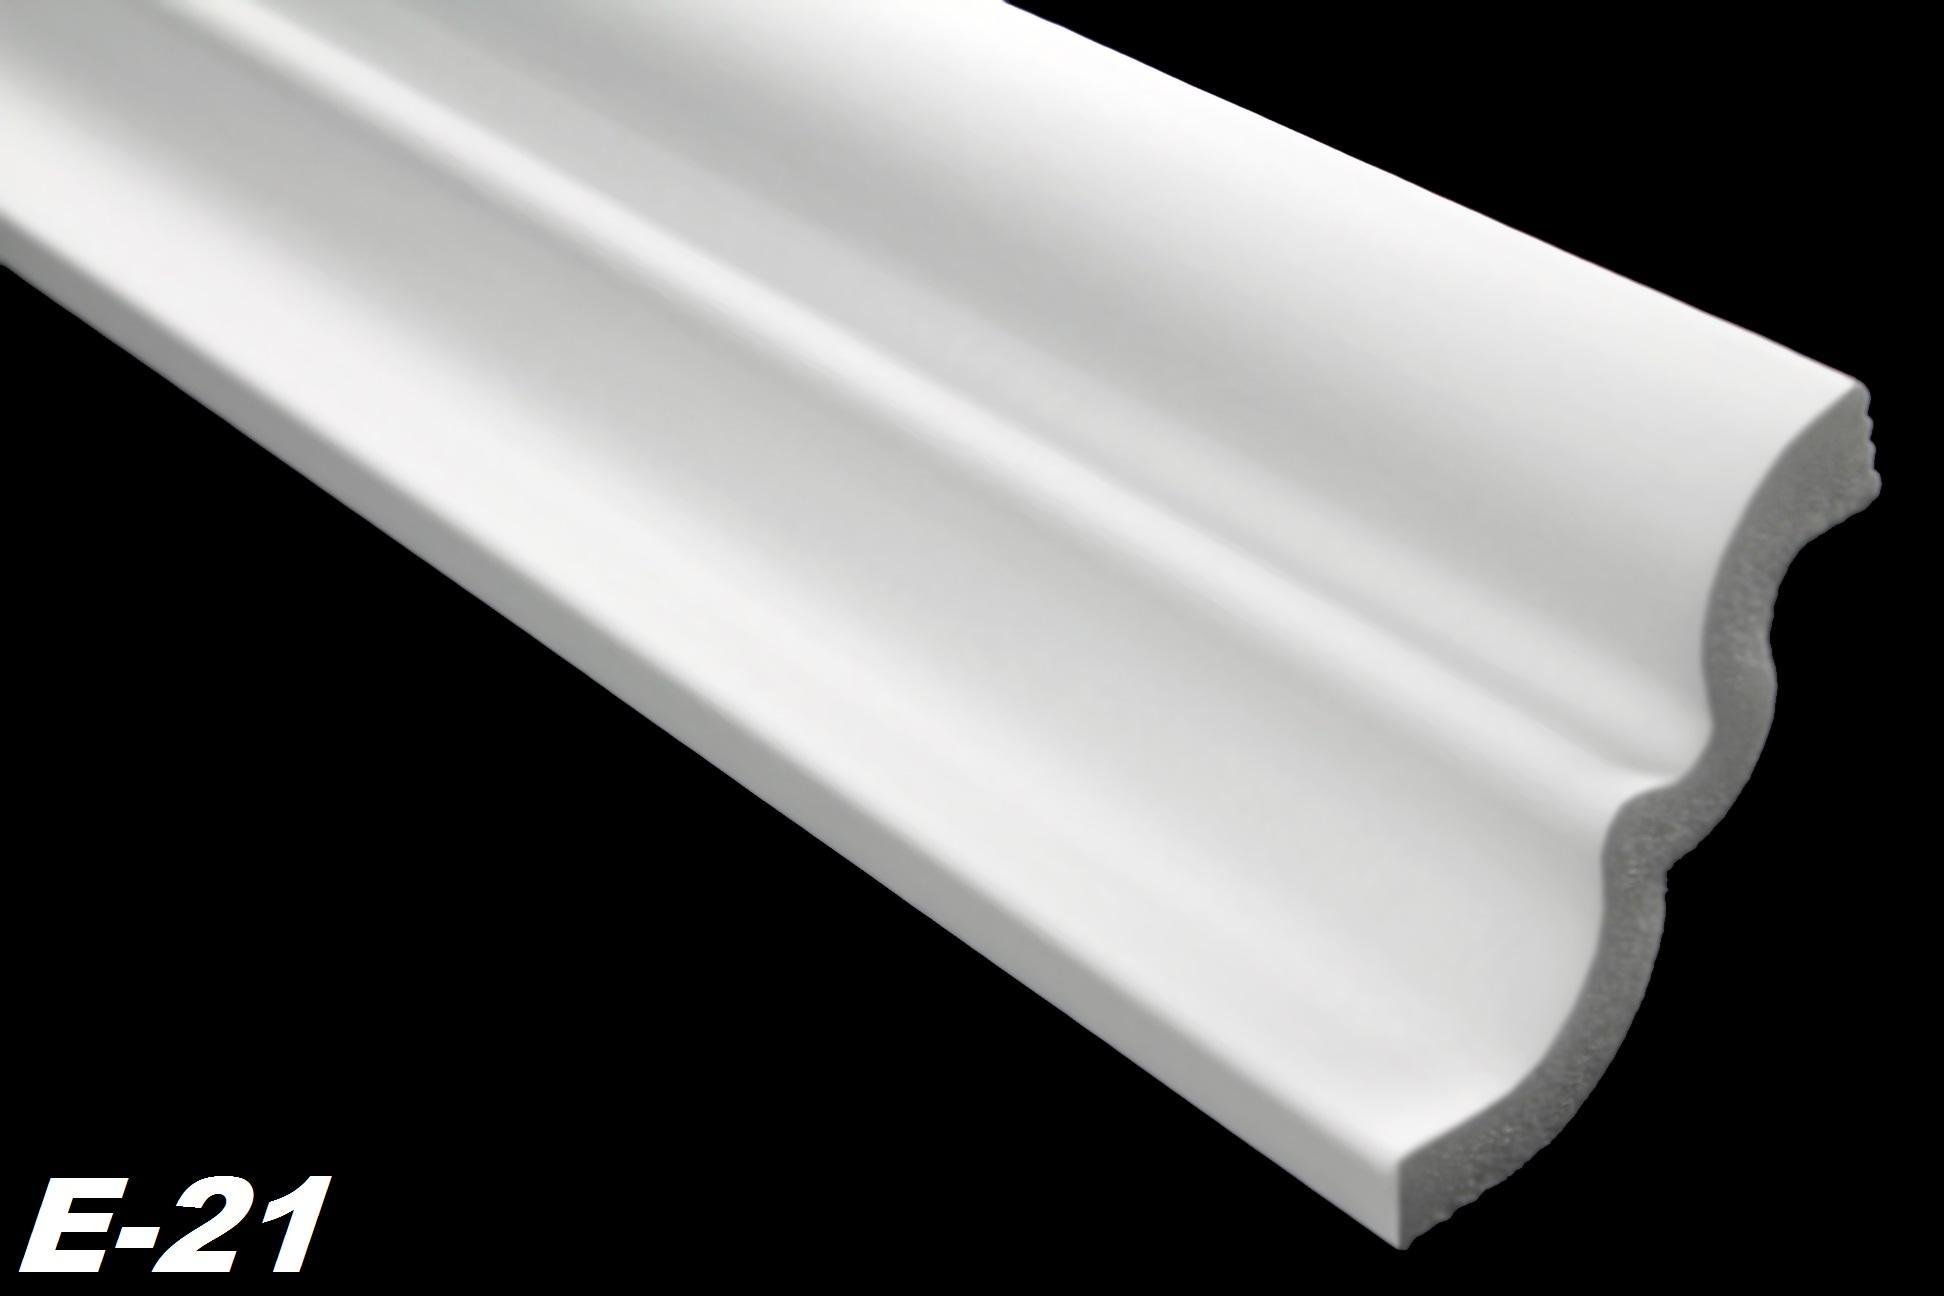 20 m tres moulures d coratives corniches d cor de stuc en polystyr ne dur ebay. Black Bedroom Furniture Sets. Home Design Ideas